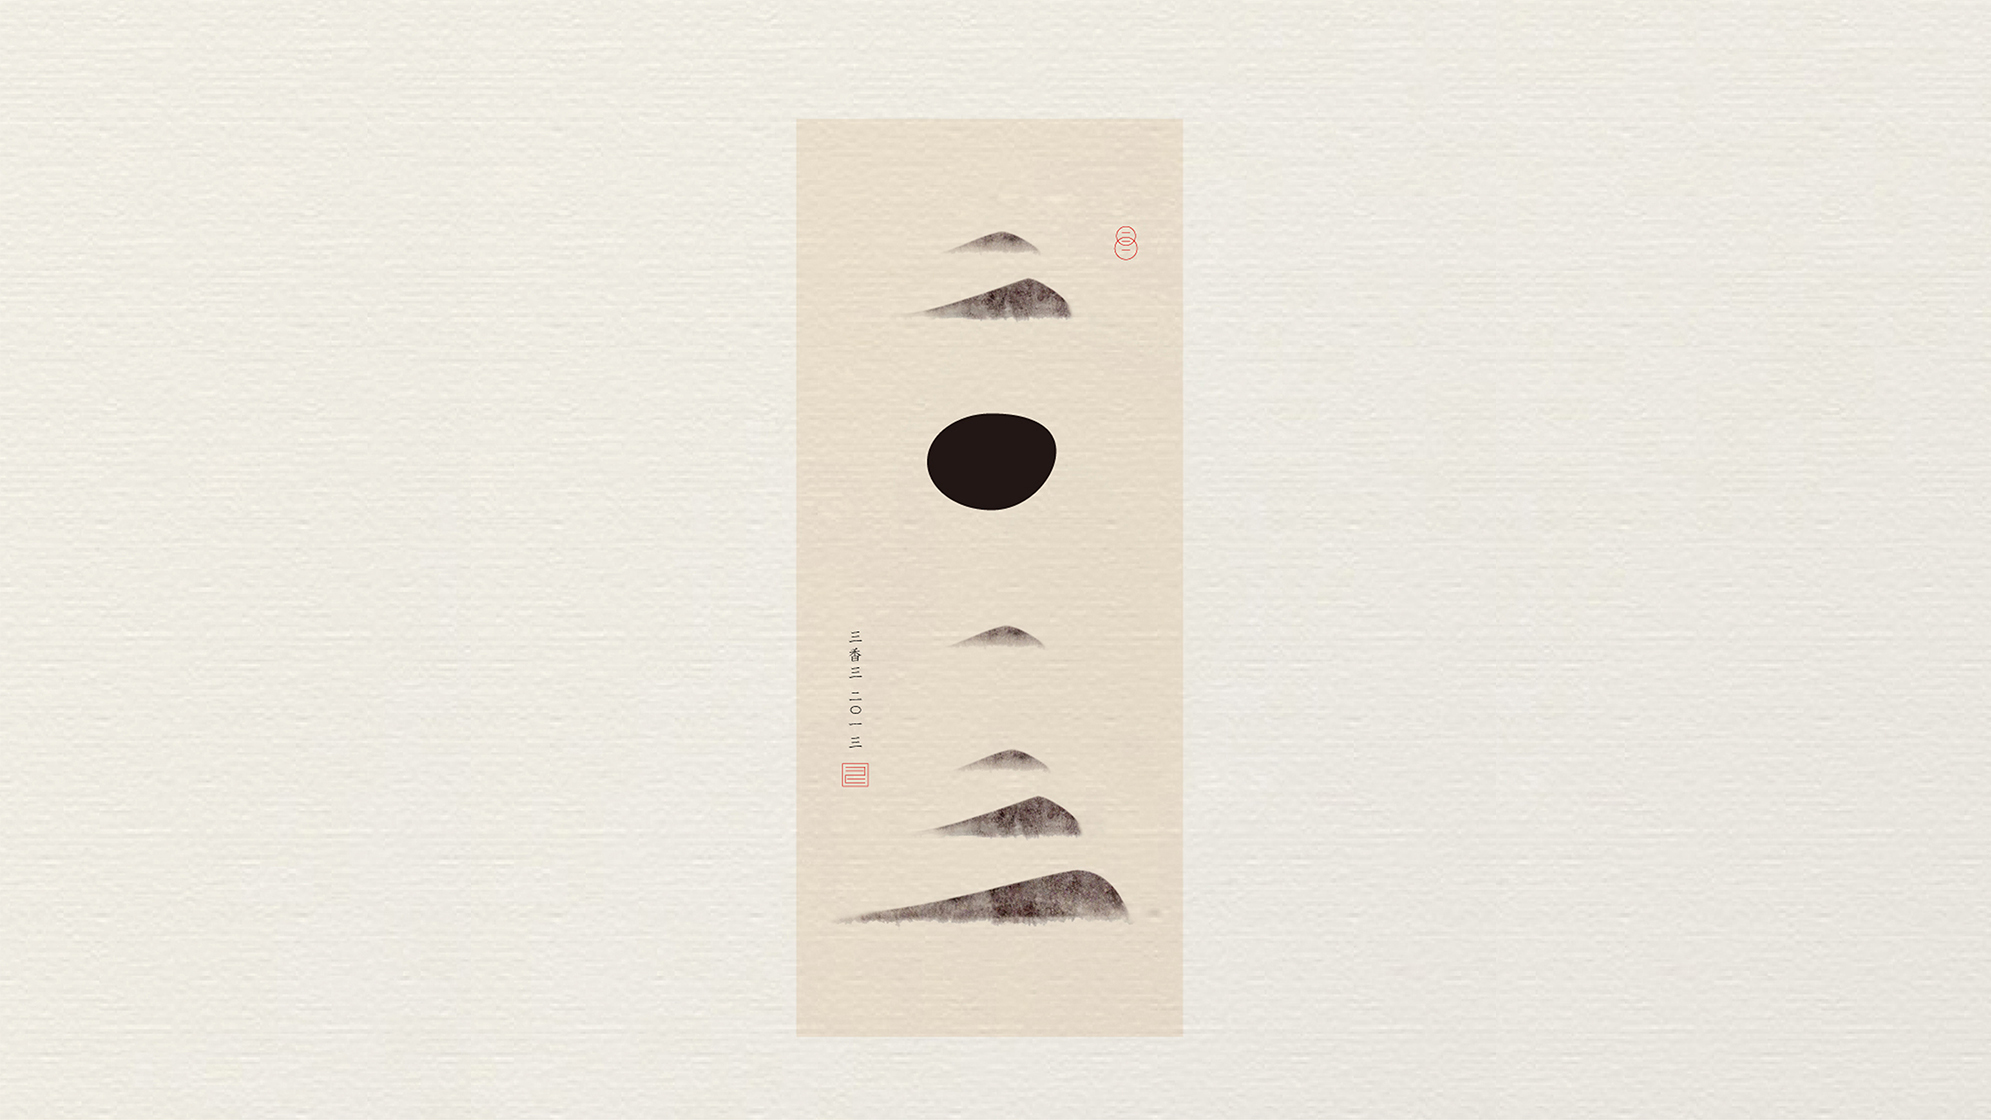 旅游生活东道文创三香三产品设计